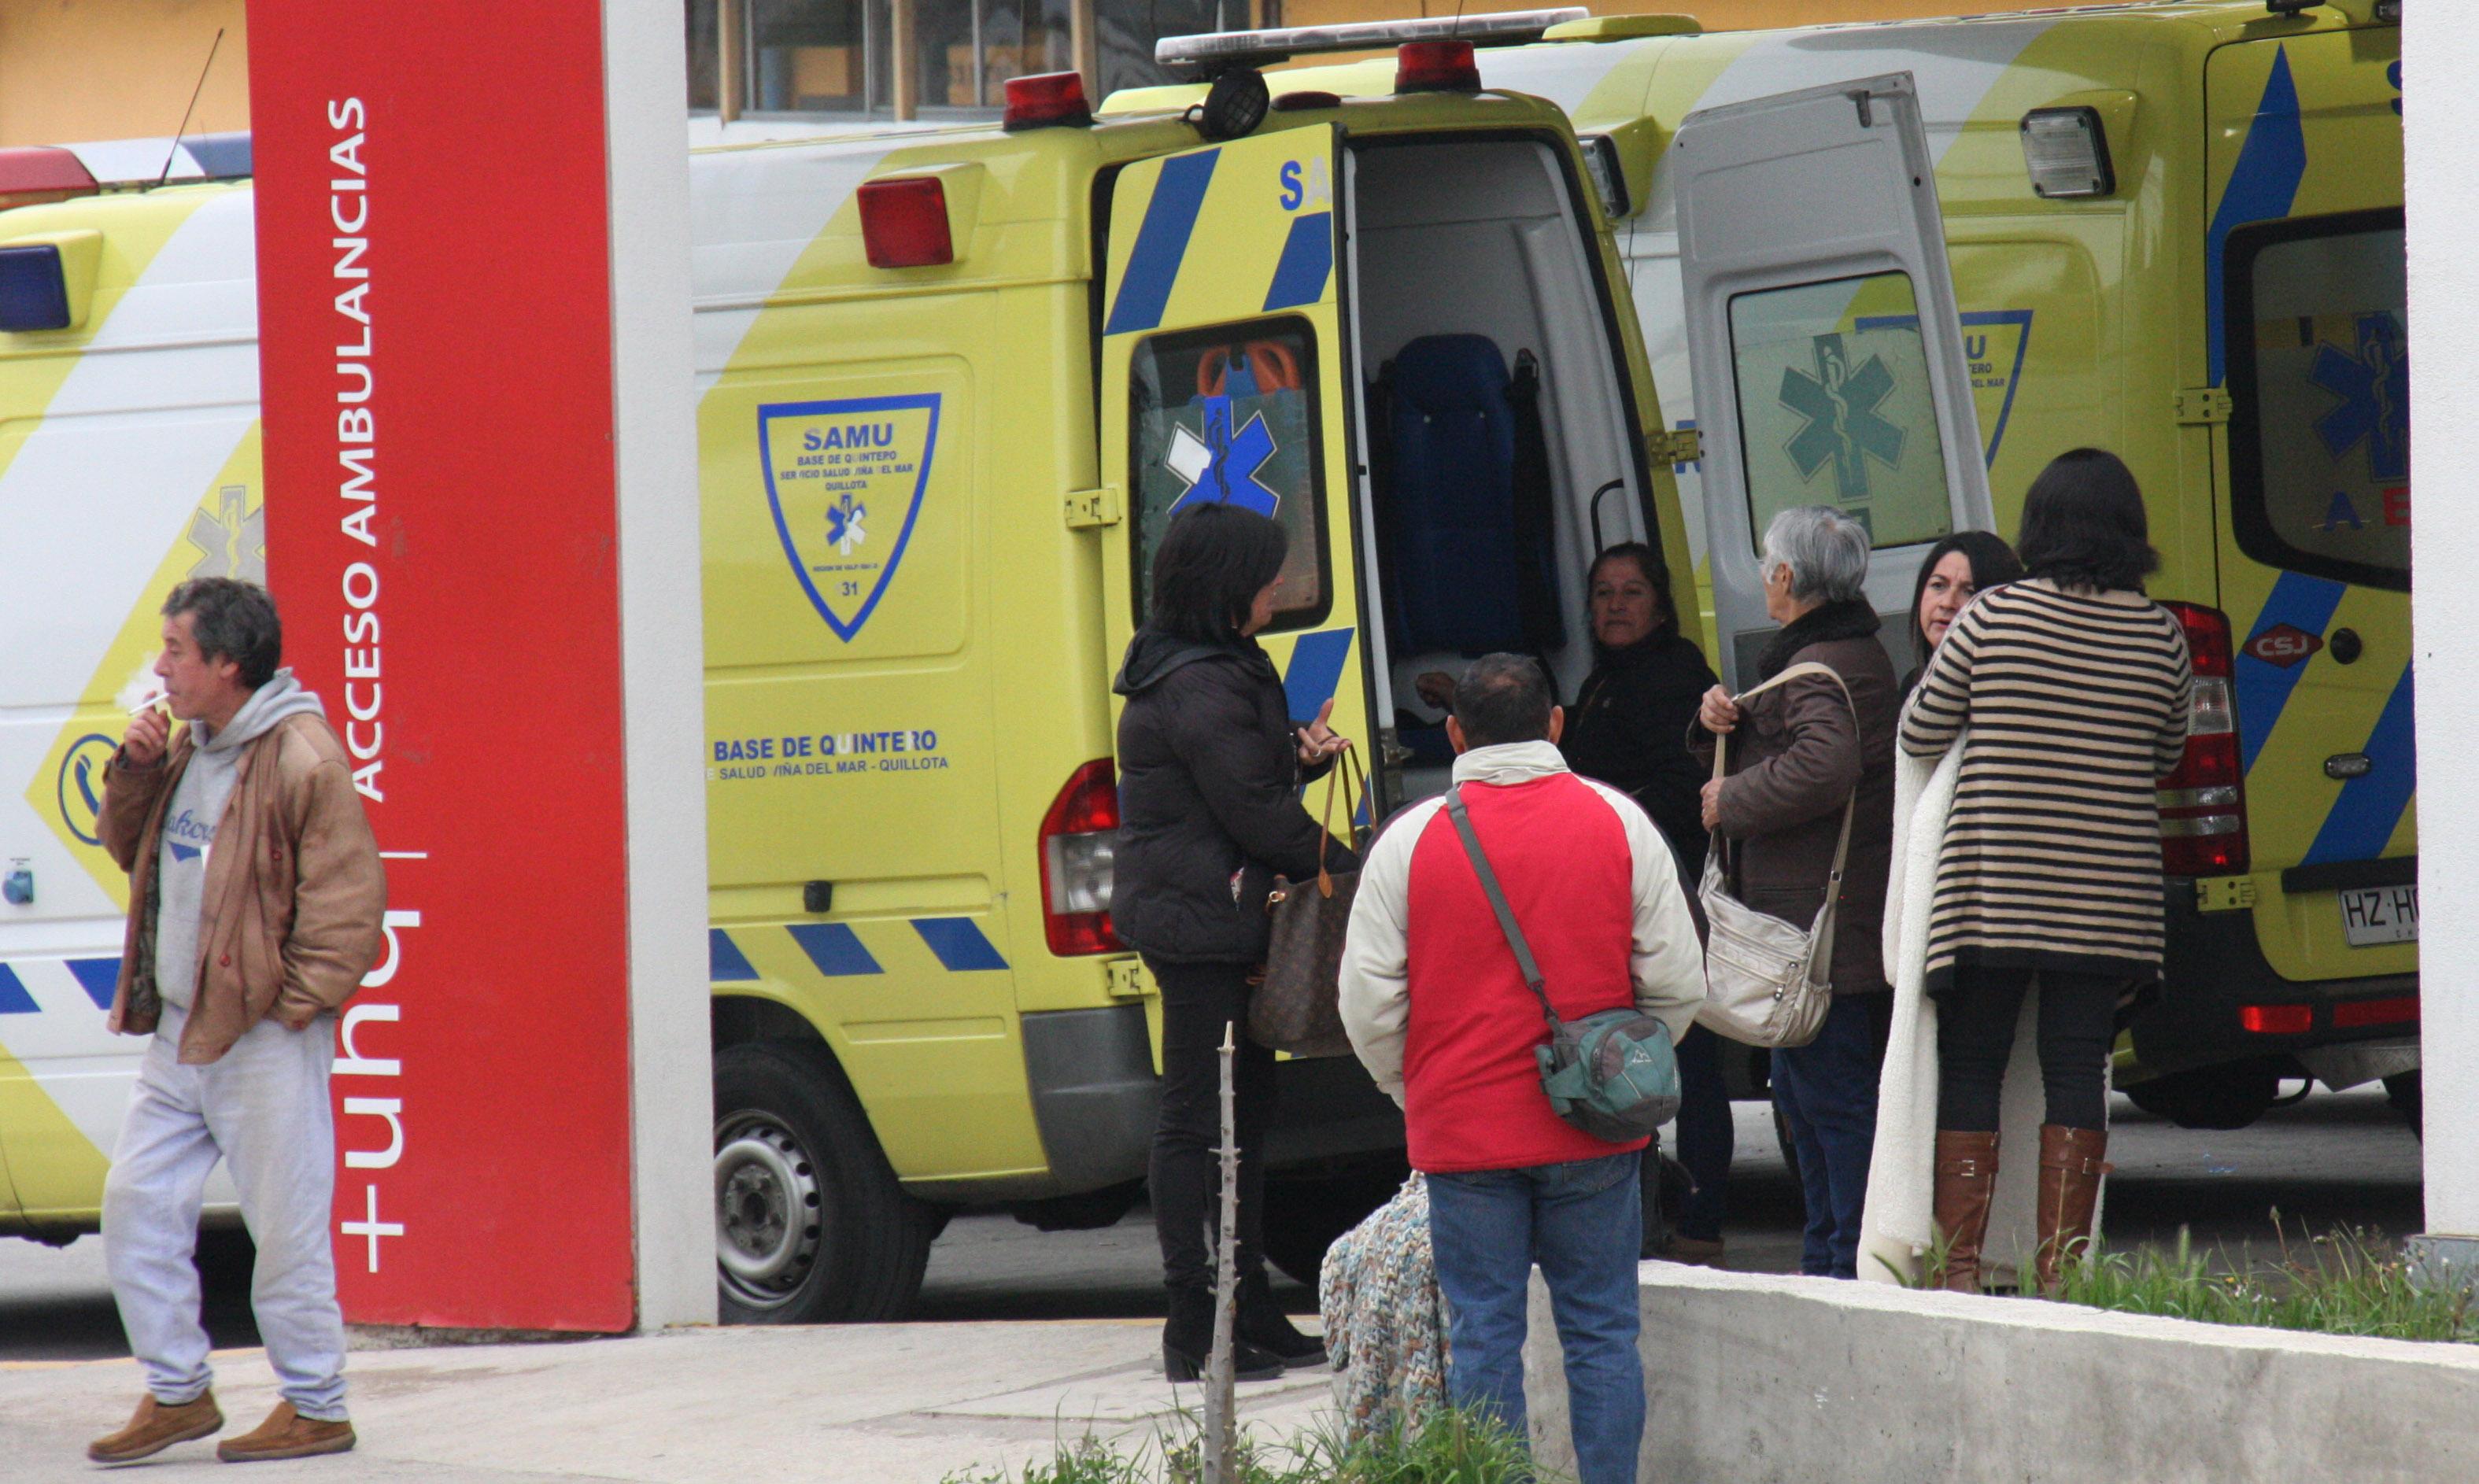 Segunda intoxicación en dos días: evacúan liceo de Quintero por desconocido gas